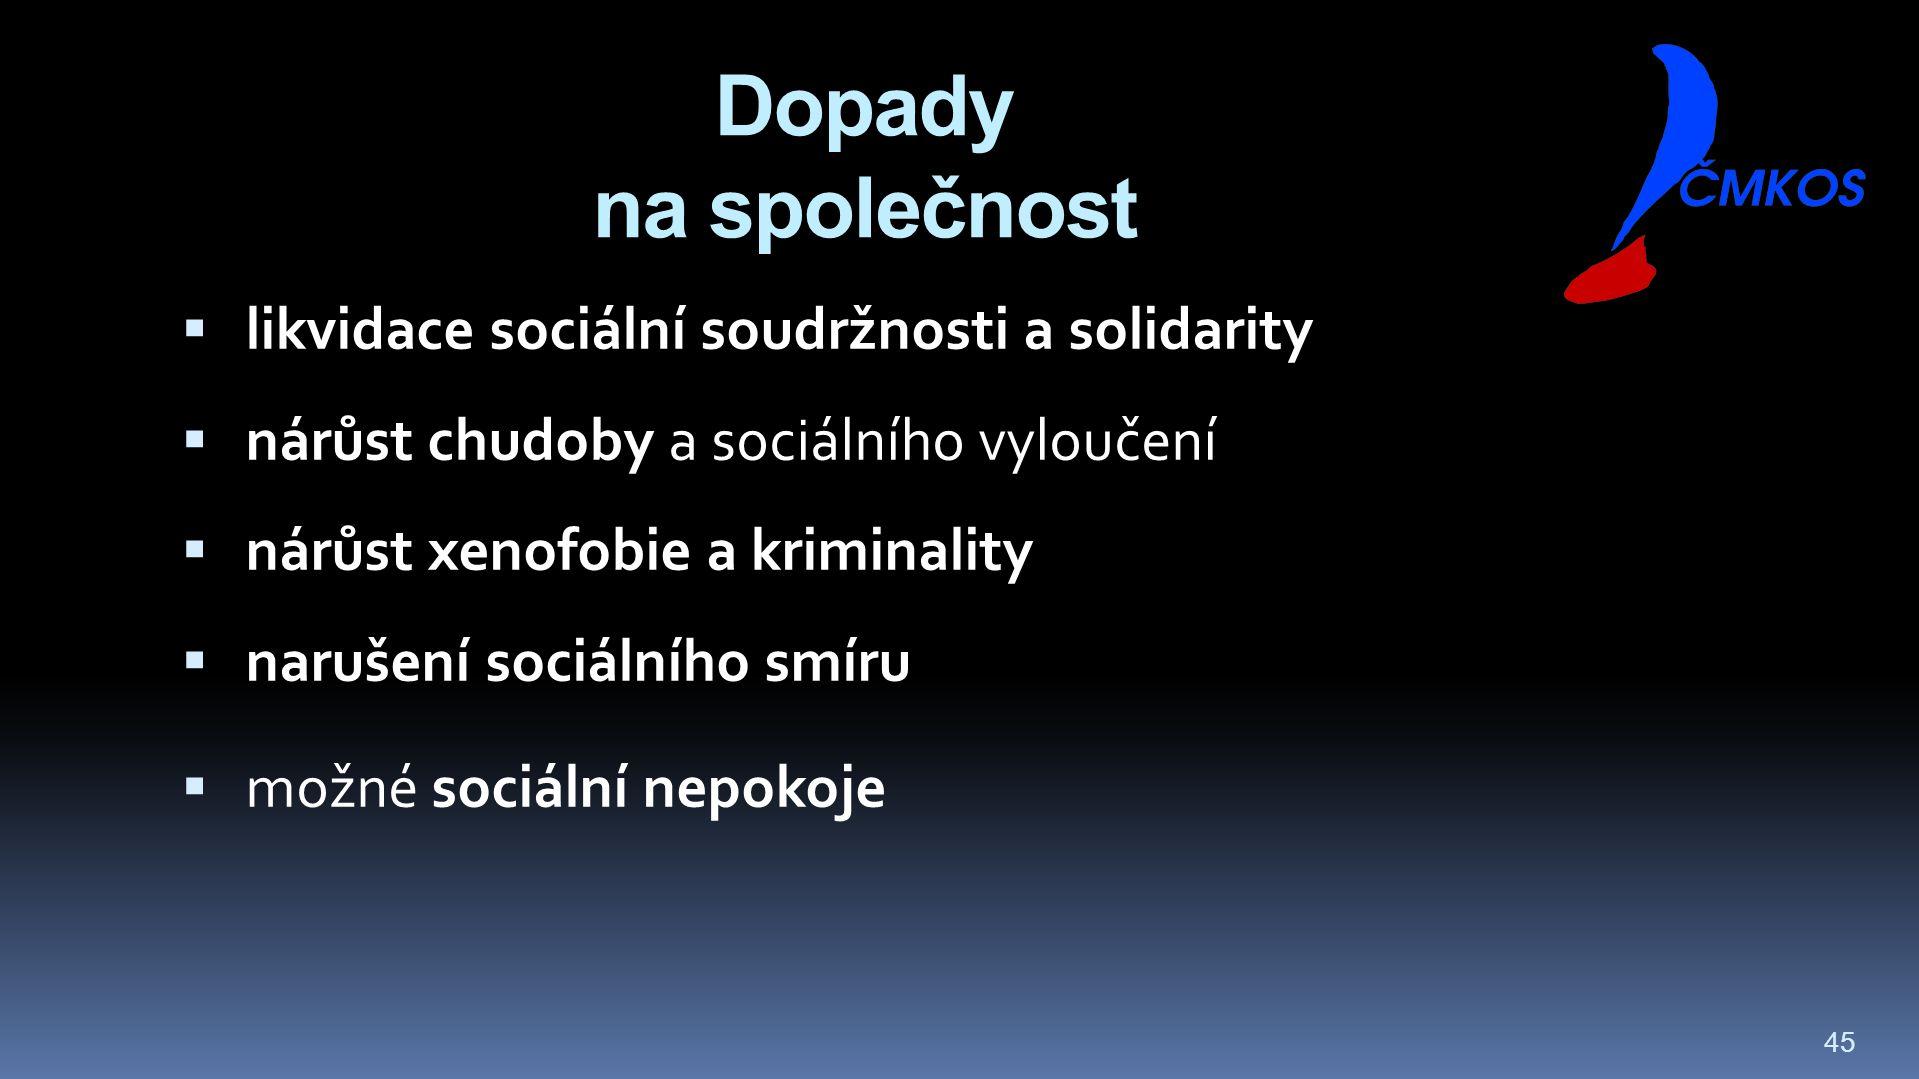 45 Dopady na společnost  likvidace sociální soudržnosti a solidarity  nárůst chudoby a sociálního vyloučení  nárůst xenofobie a kriminality  narušení sociálního smíru  možné sociální nepokoje